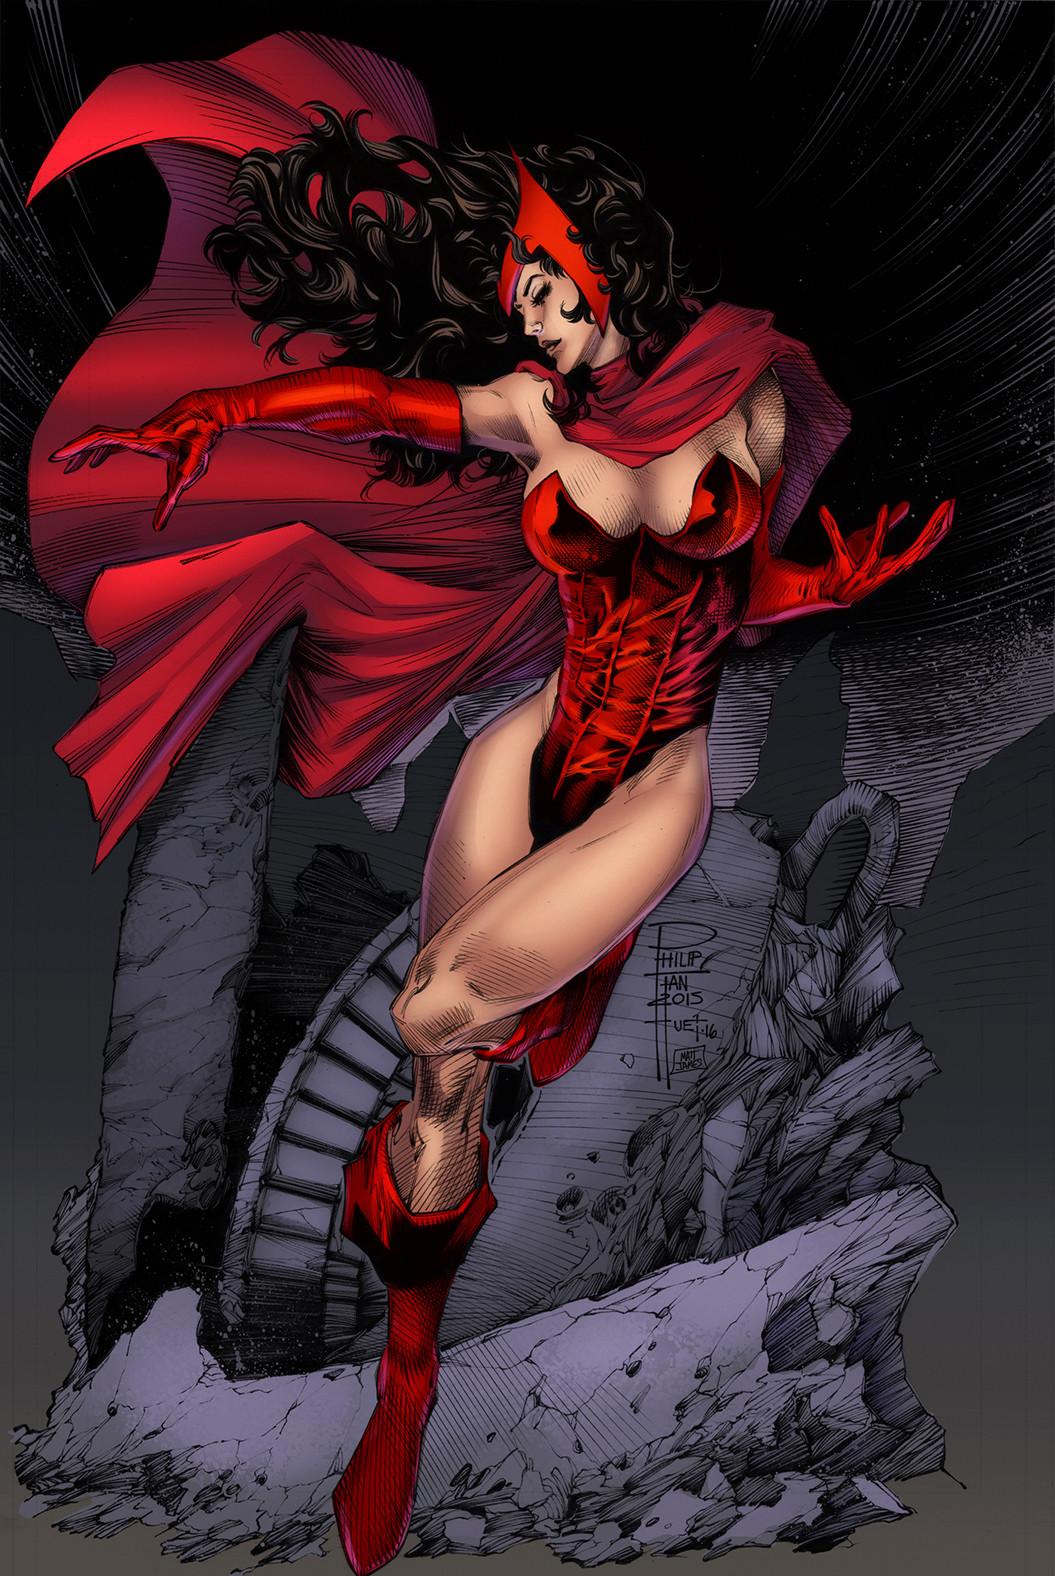 Matt james scarlet witch by knockmesilly dalilcy lr